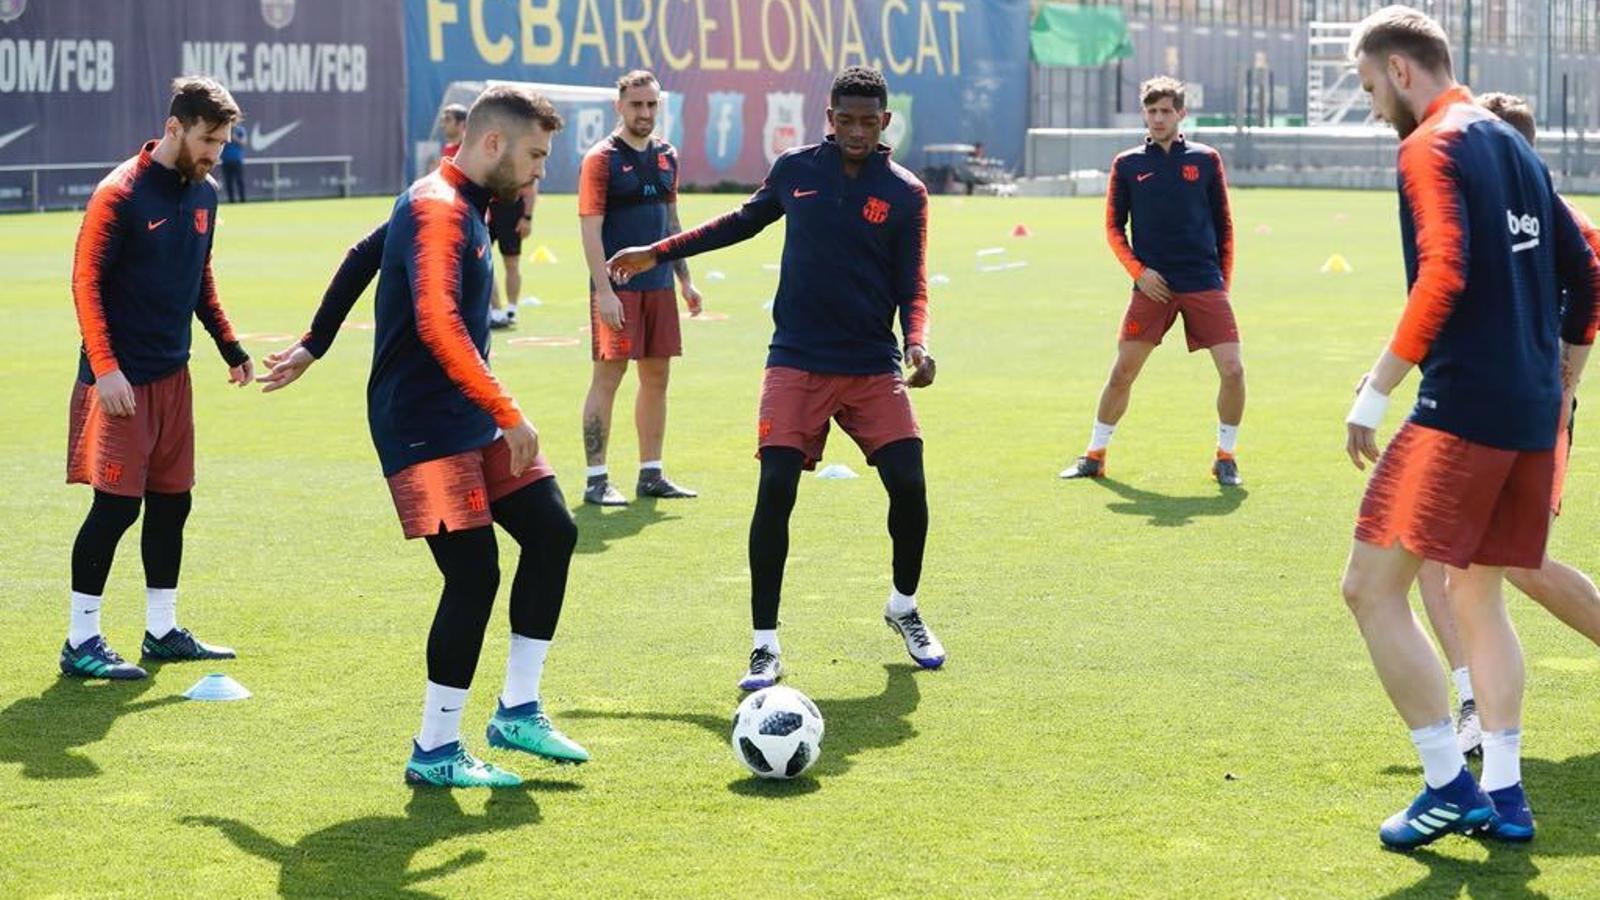 Els jugadors del Barça, durant l'entrenament, amb Rakitic a la dreta